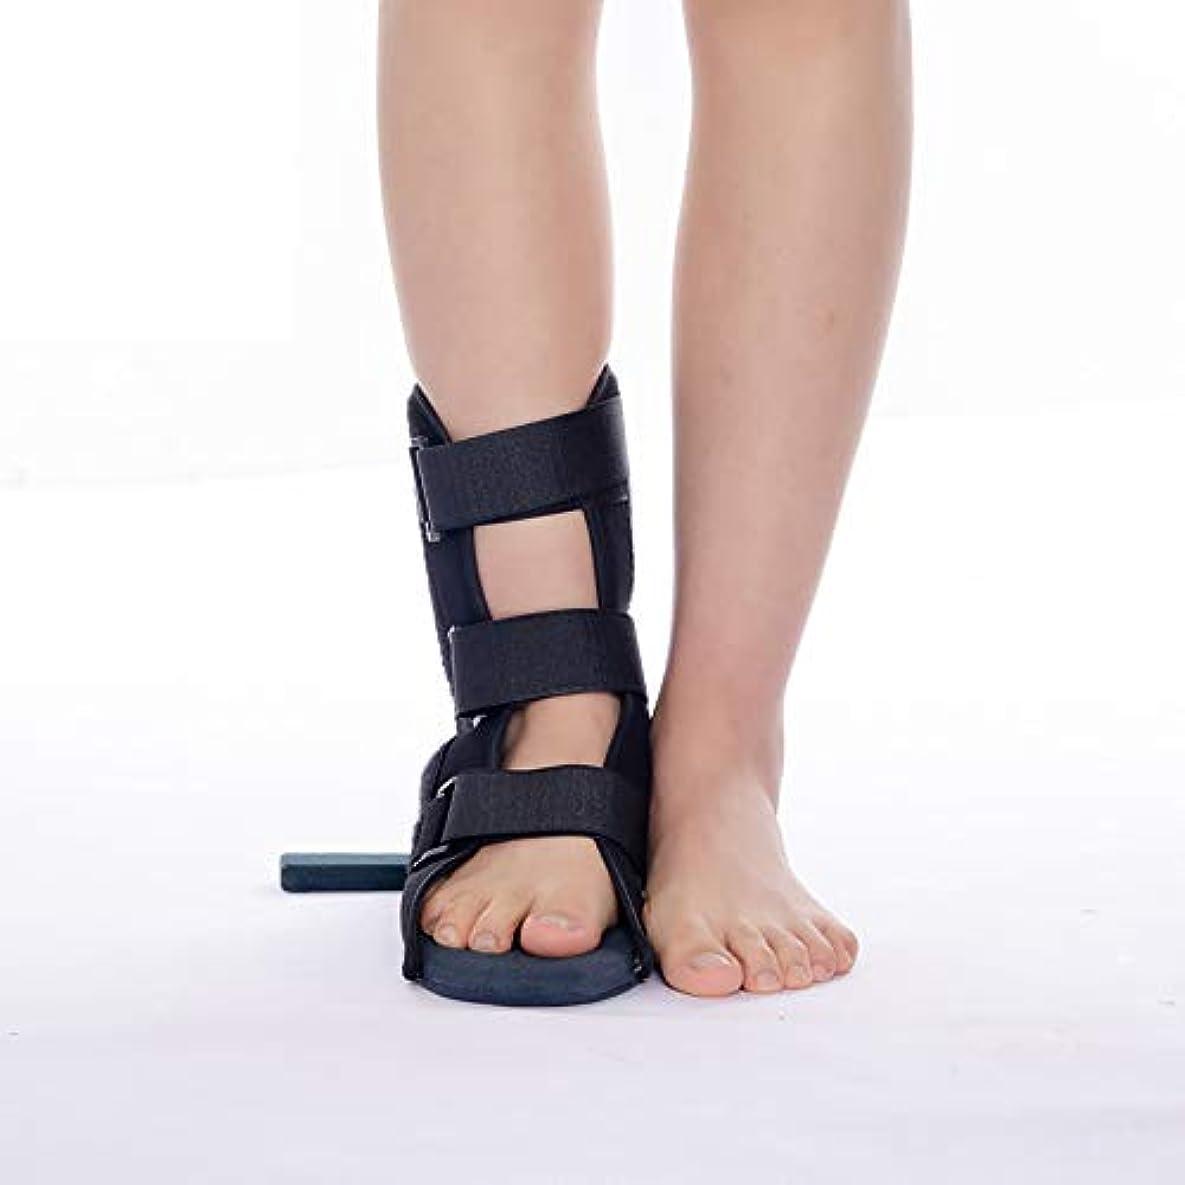 コメントファイル圧倒的足固定整形外科用靴足ブレースサポート回転防止足首捻挫スタビライザーブーツ用足首関節捻挫骨折リハビリテーション